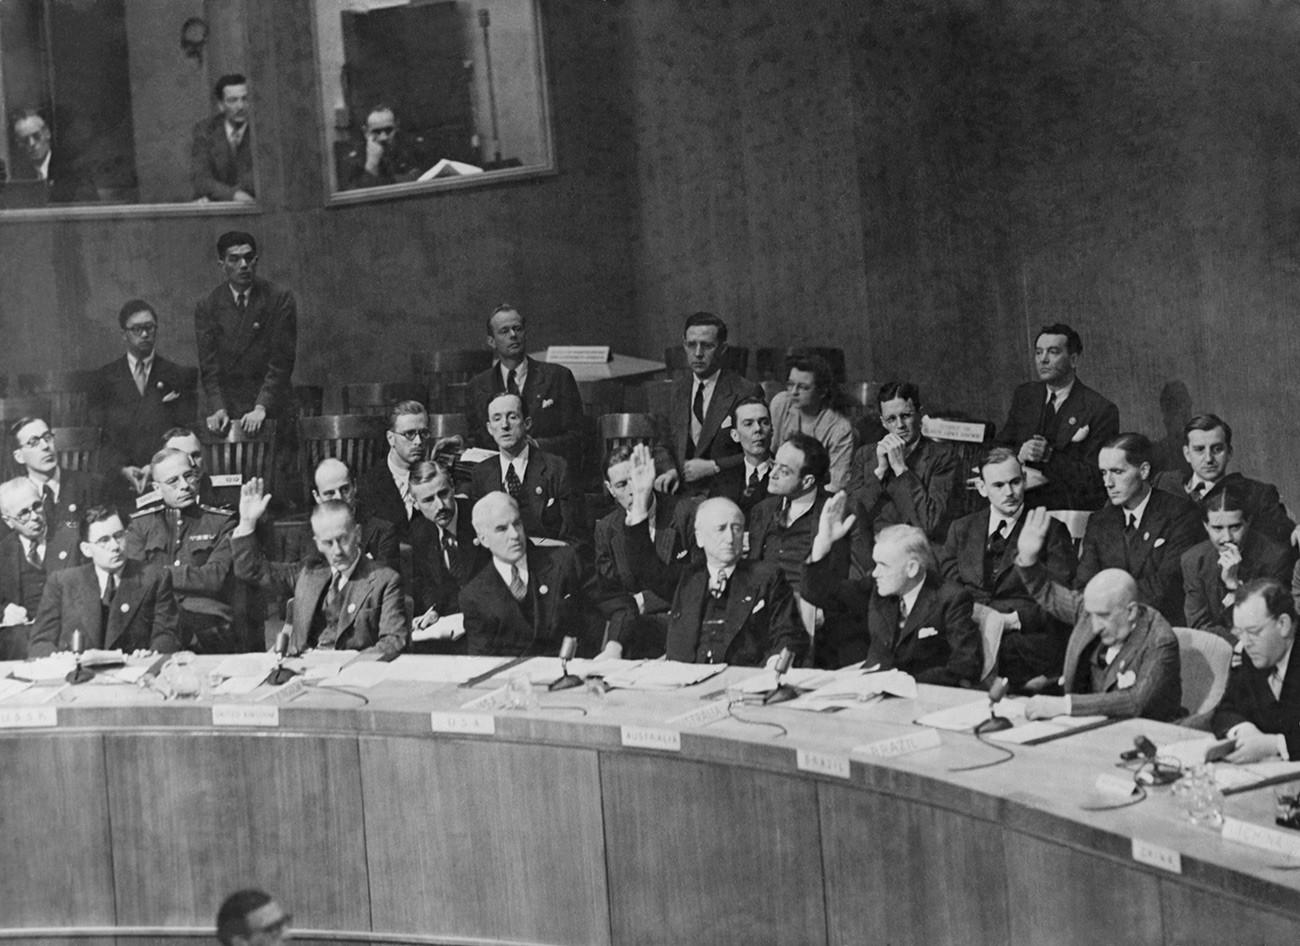 Совет Безопасности ООН голосует за дальнейшее обсуждение вопроса о споре между Ираном и Советским Союзом по Азербайджану.